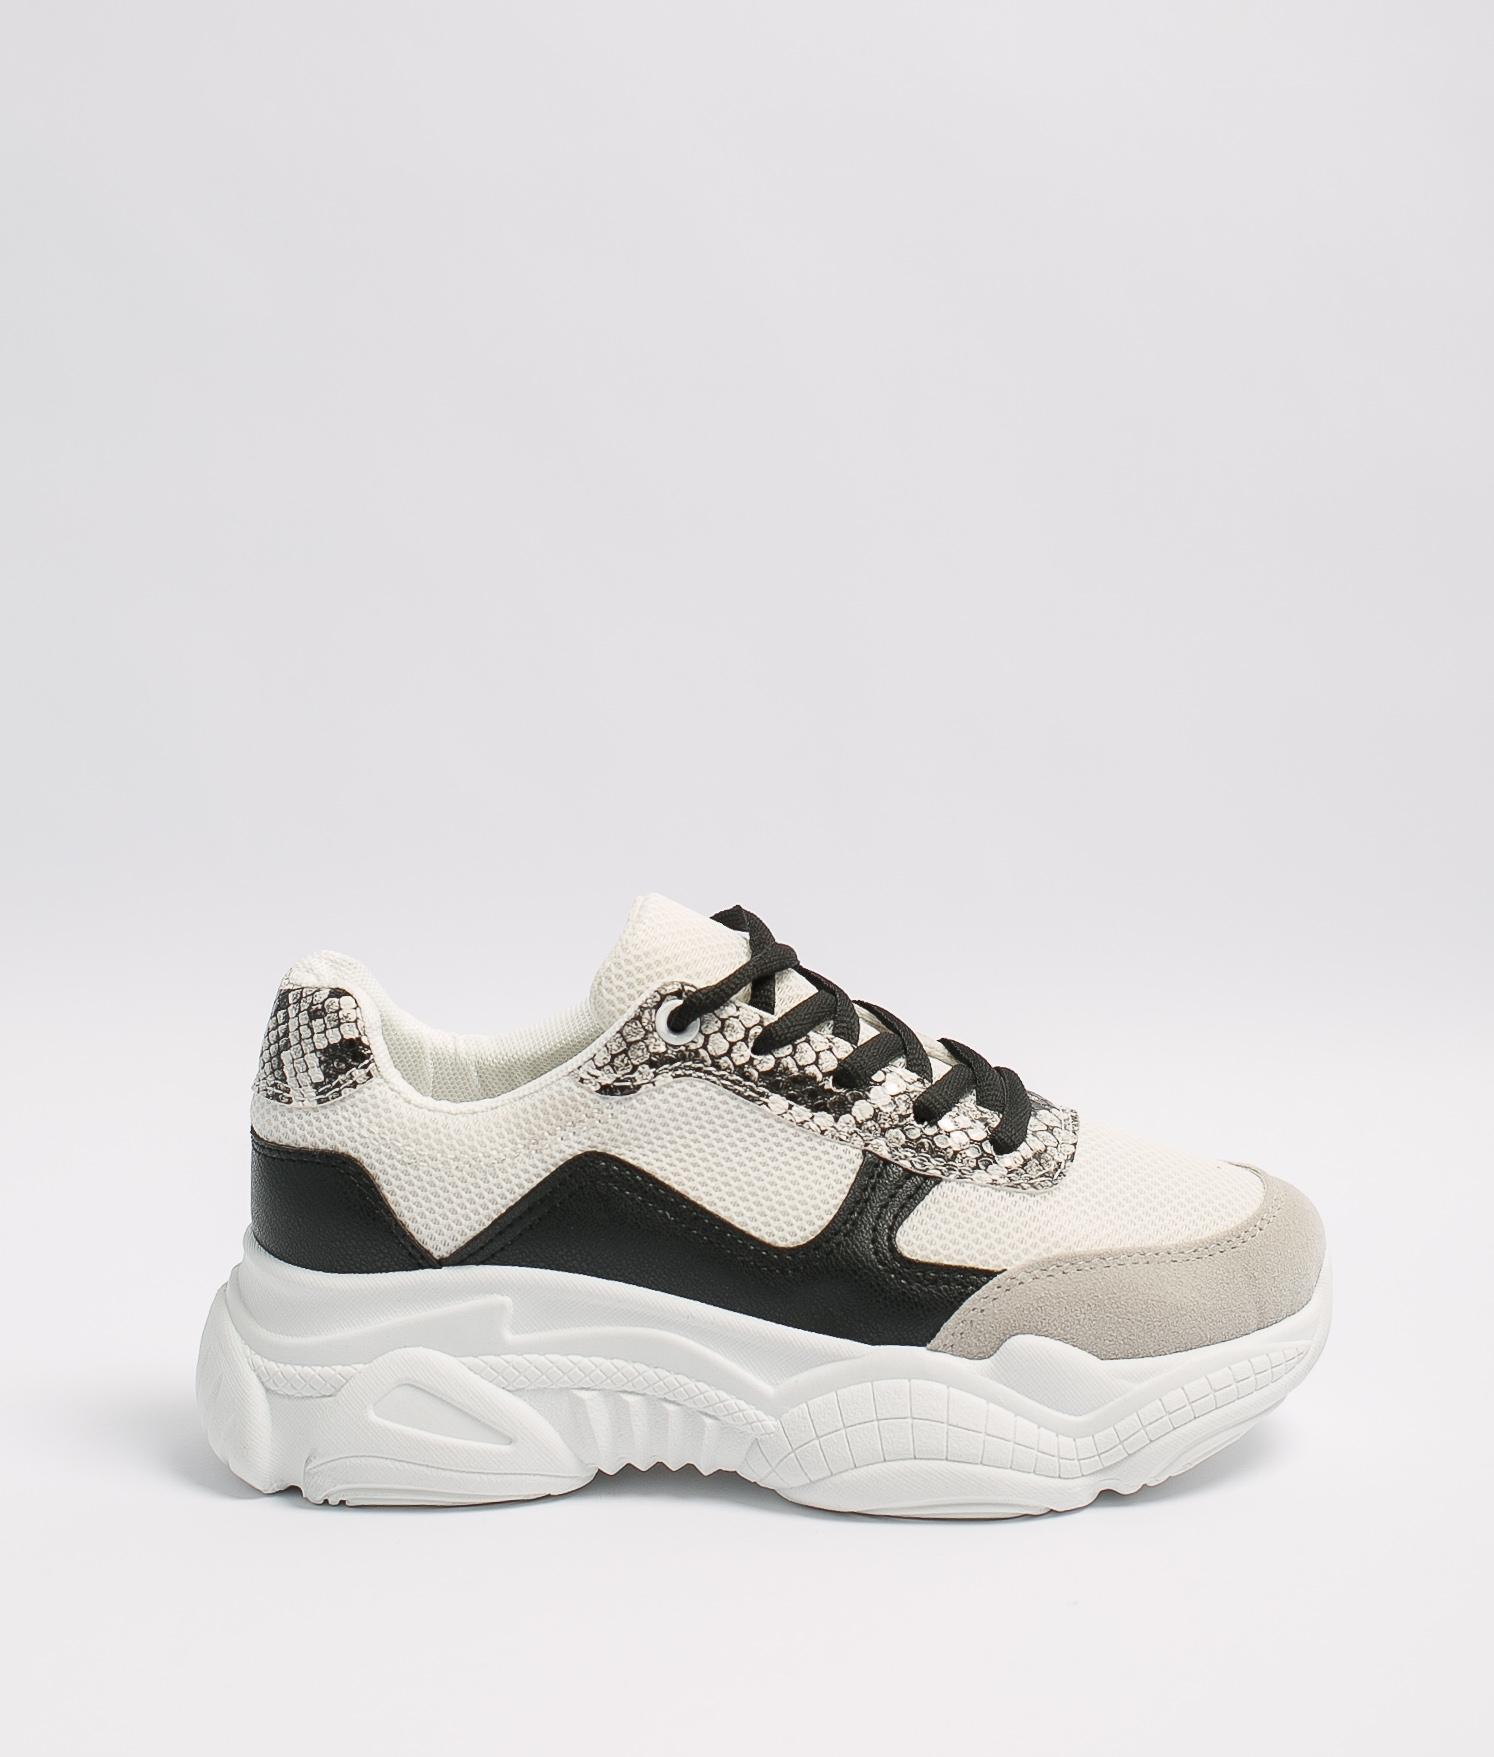 Sneakers Perta - Gris